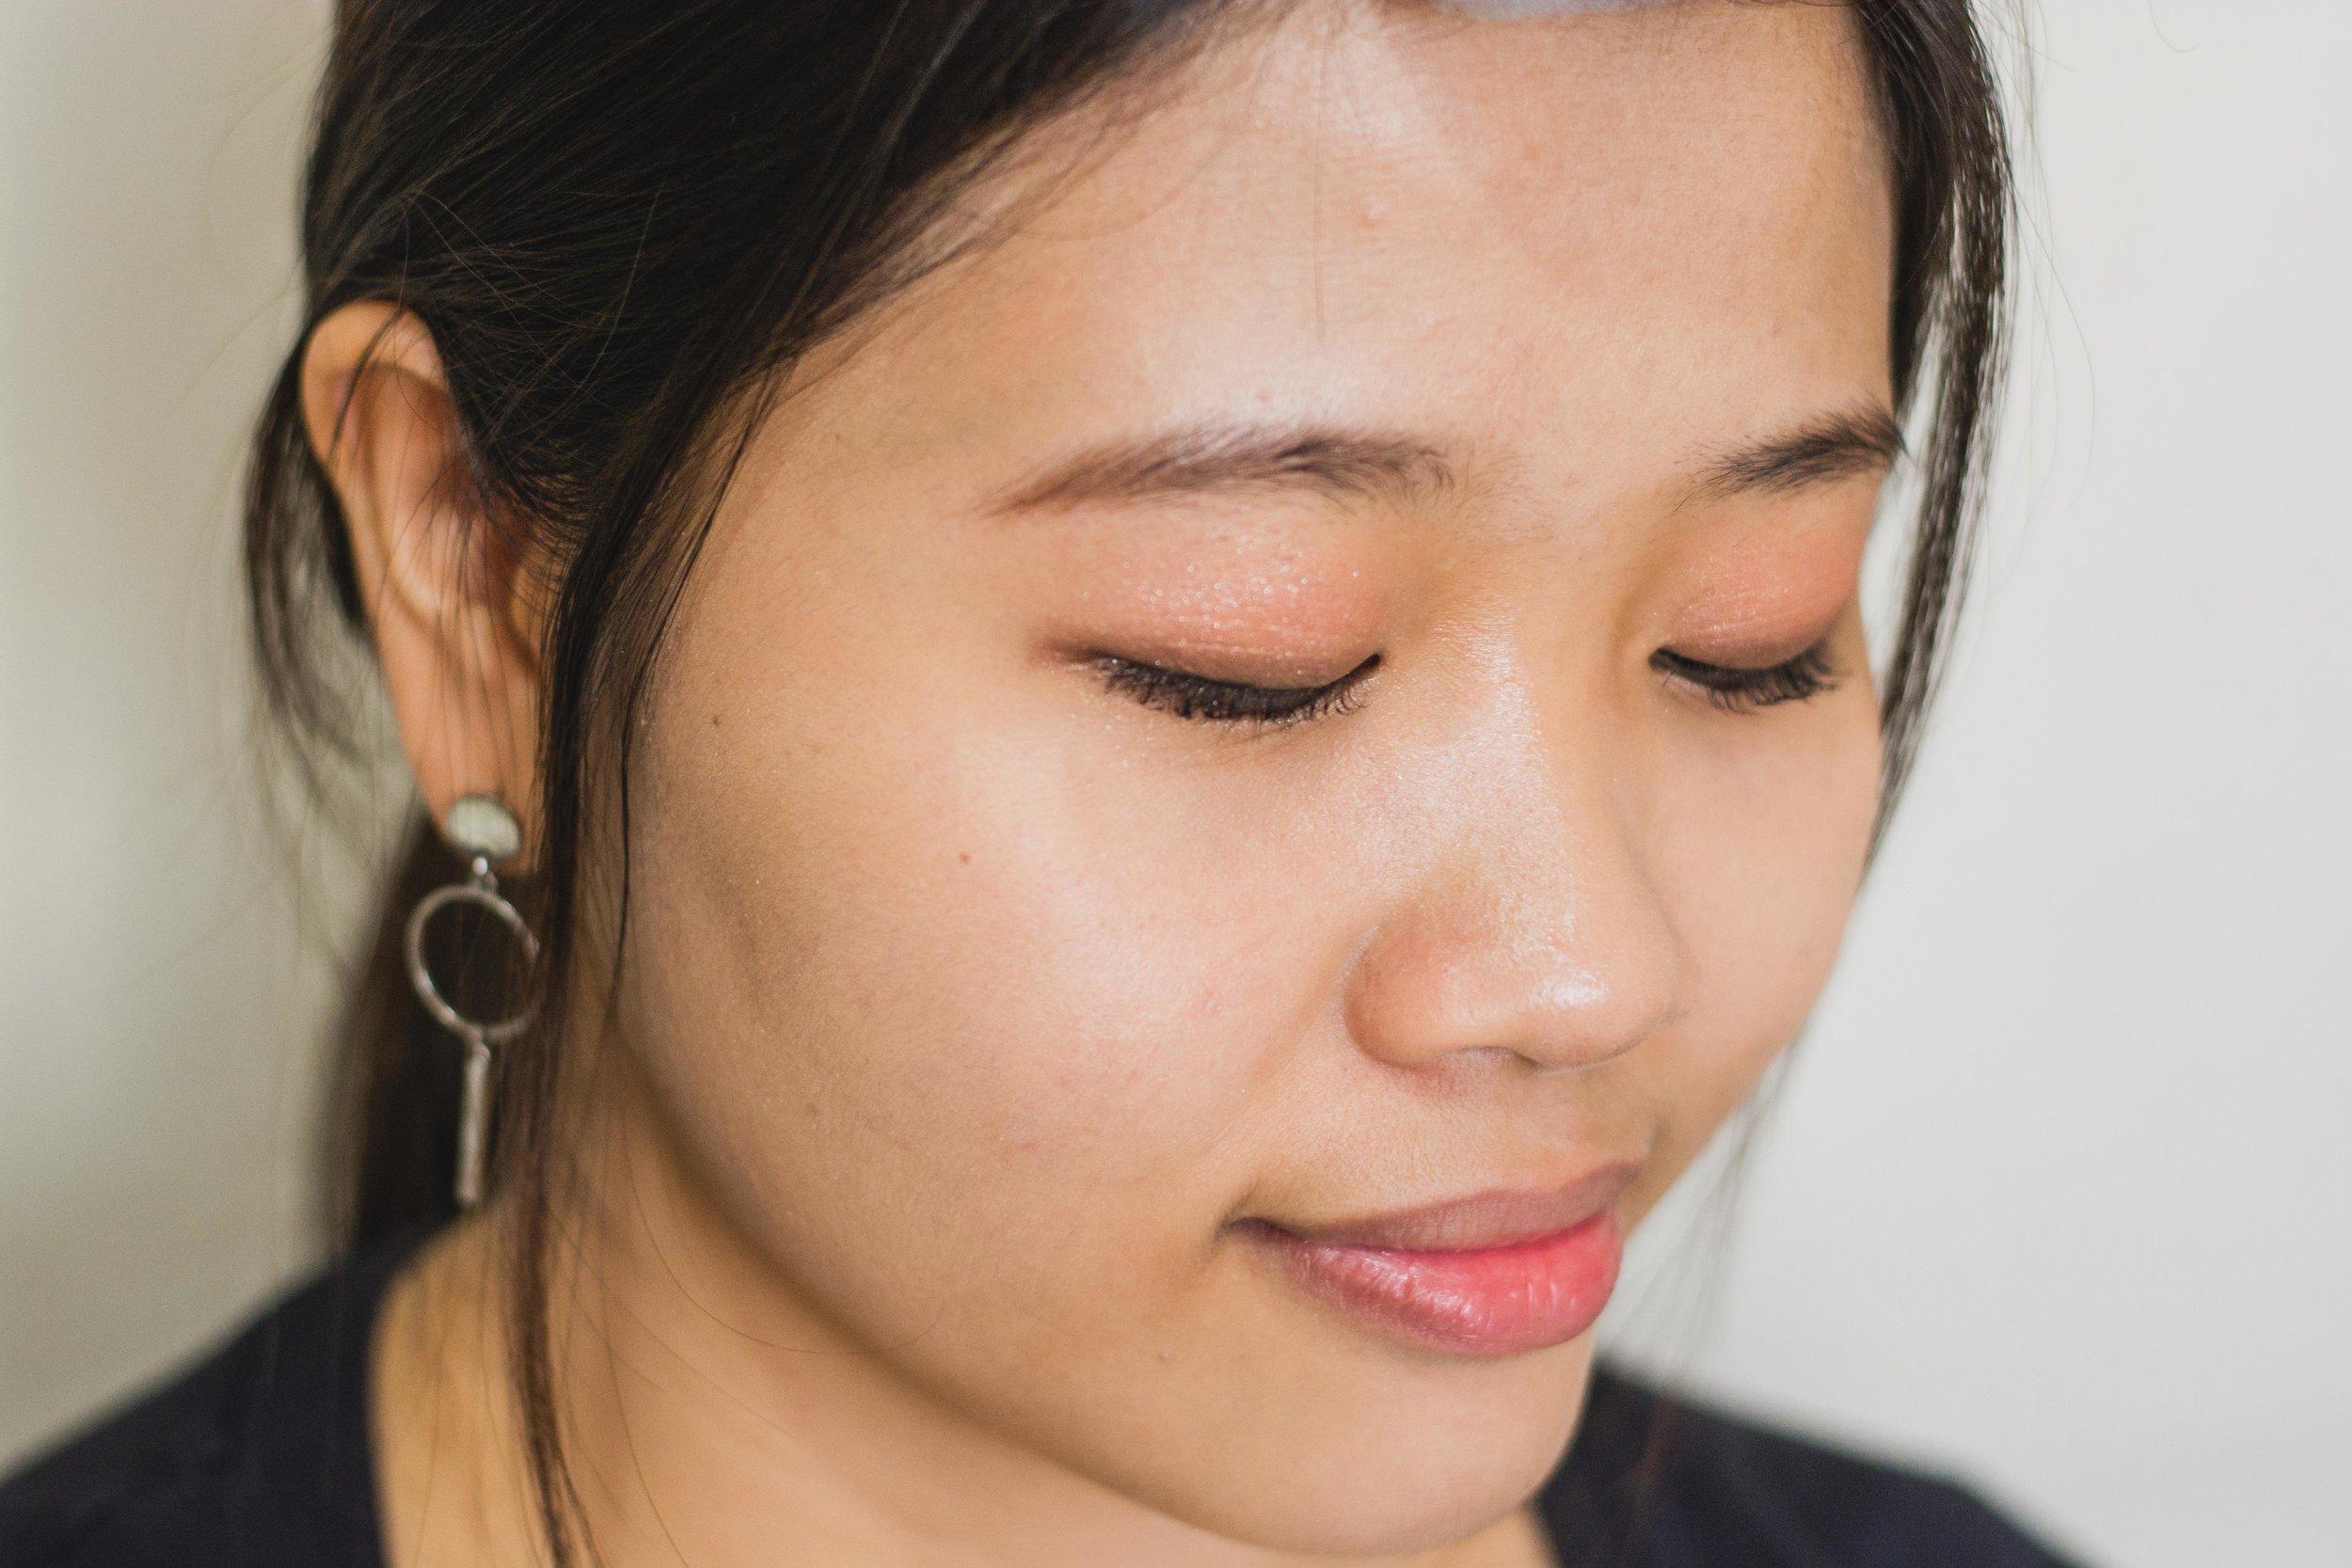 Canmake-full-face-makeup_eye-base-highlighter-juicy-glow-skin-base-mermaid-sun-gel-UV-juicy-lady-liquid-cheek-creamy-eyebrow-eyeshadow_review-philippines_2019_47.jpg